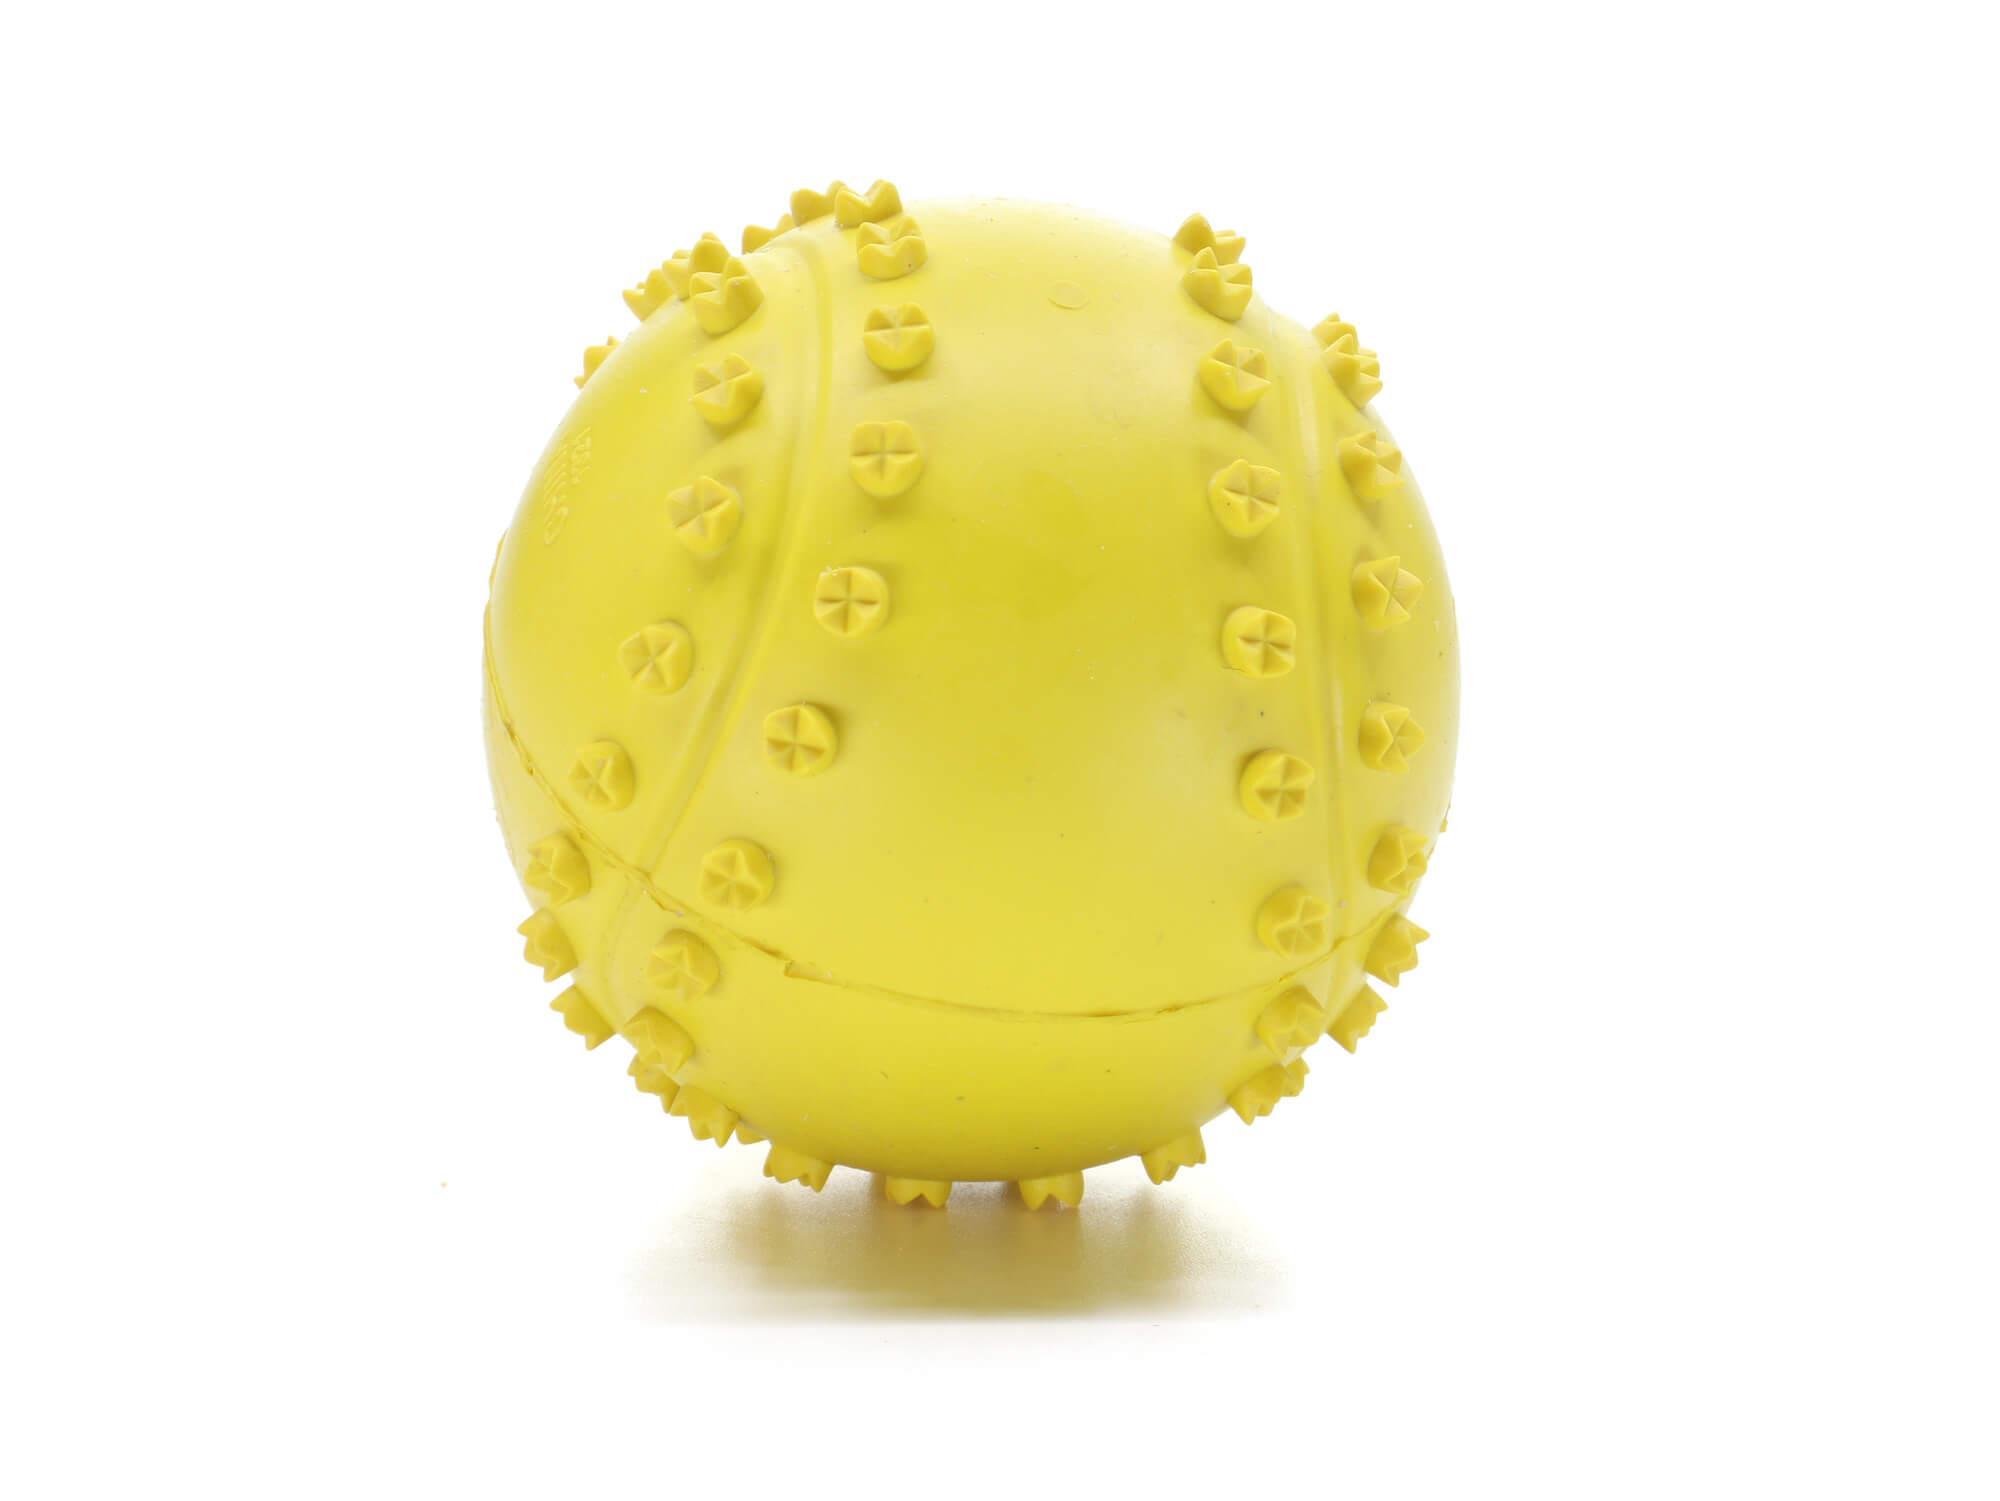 Vsepropejska Derby gumový míček pro psa   6 cm Barva: Žlutá